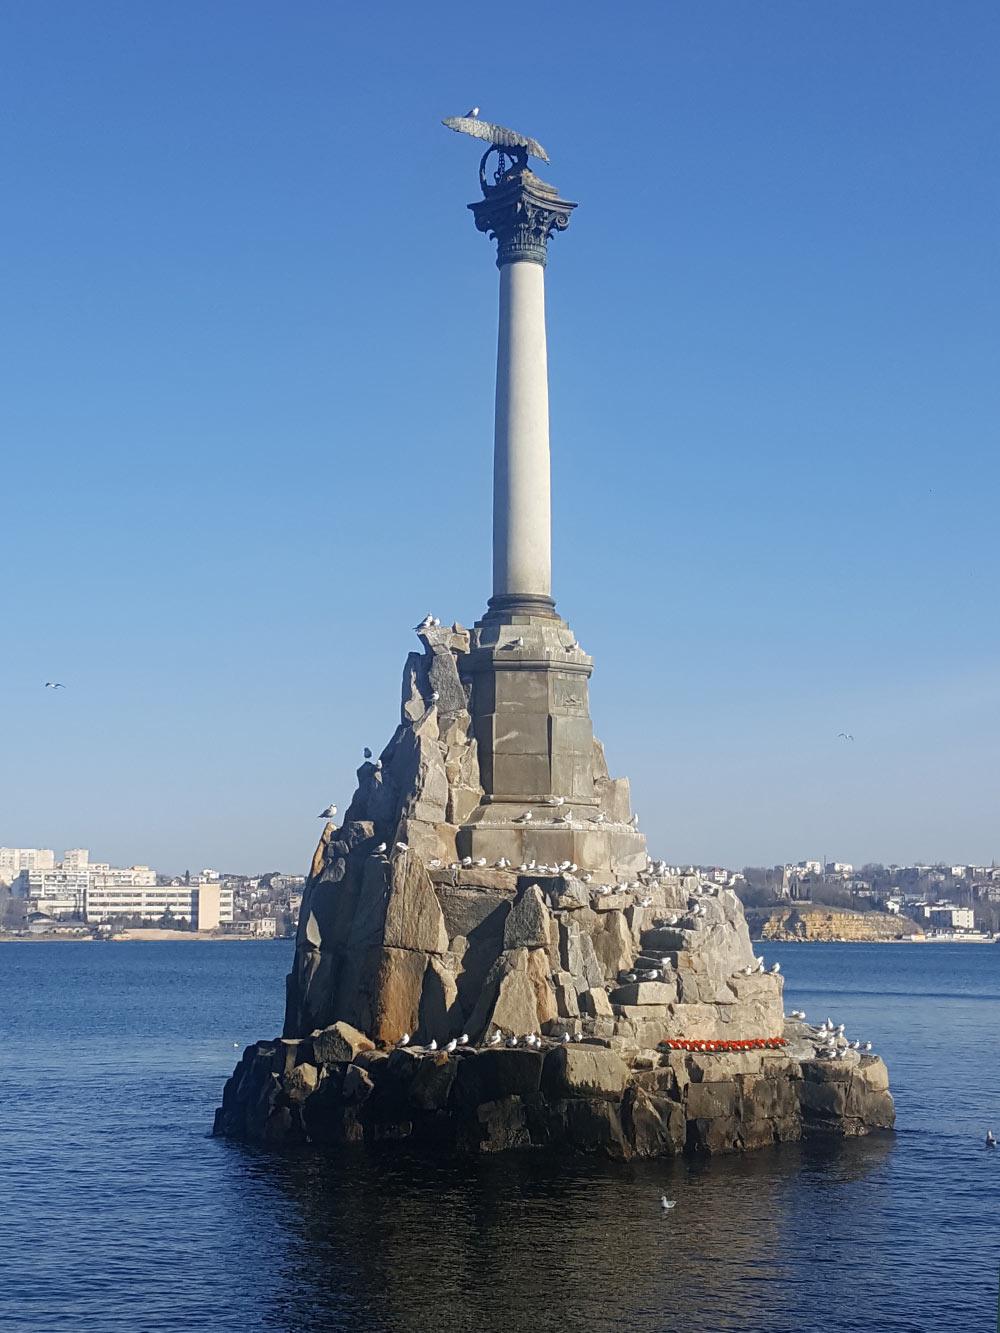 Памятник затопленным кораблям — один из символов города